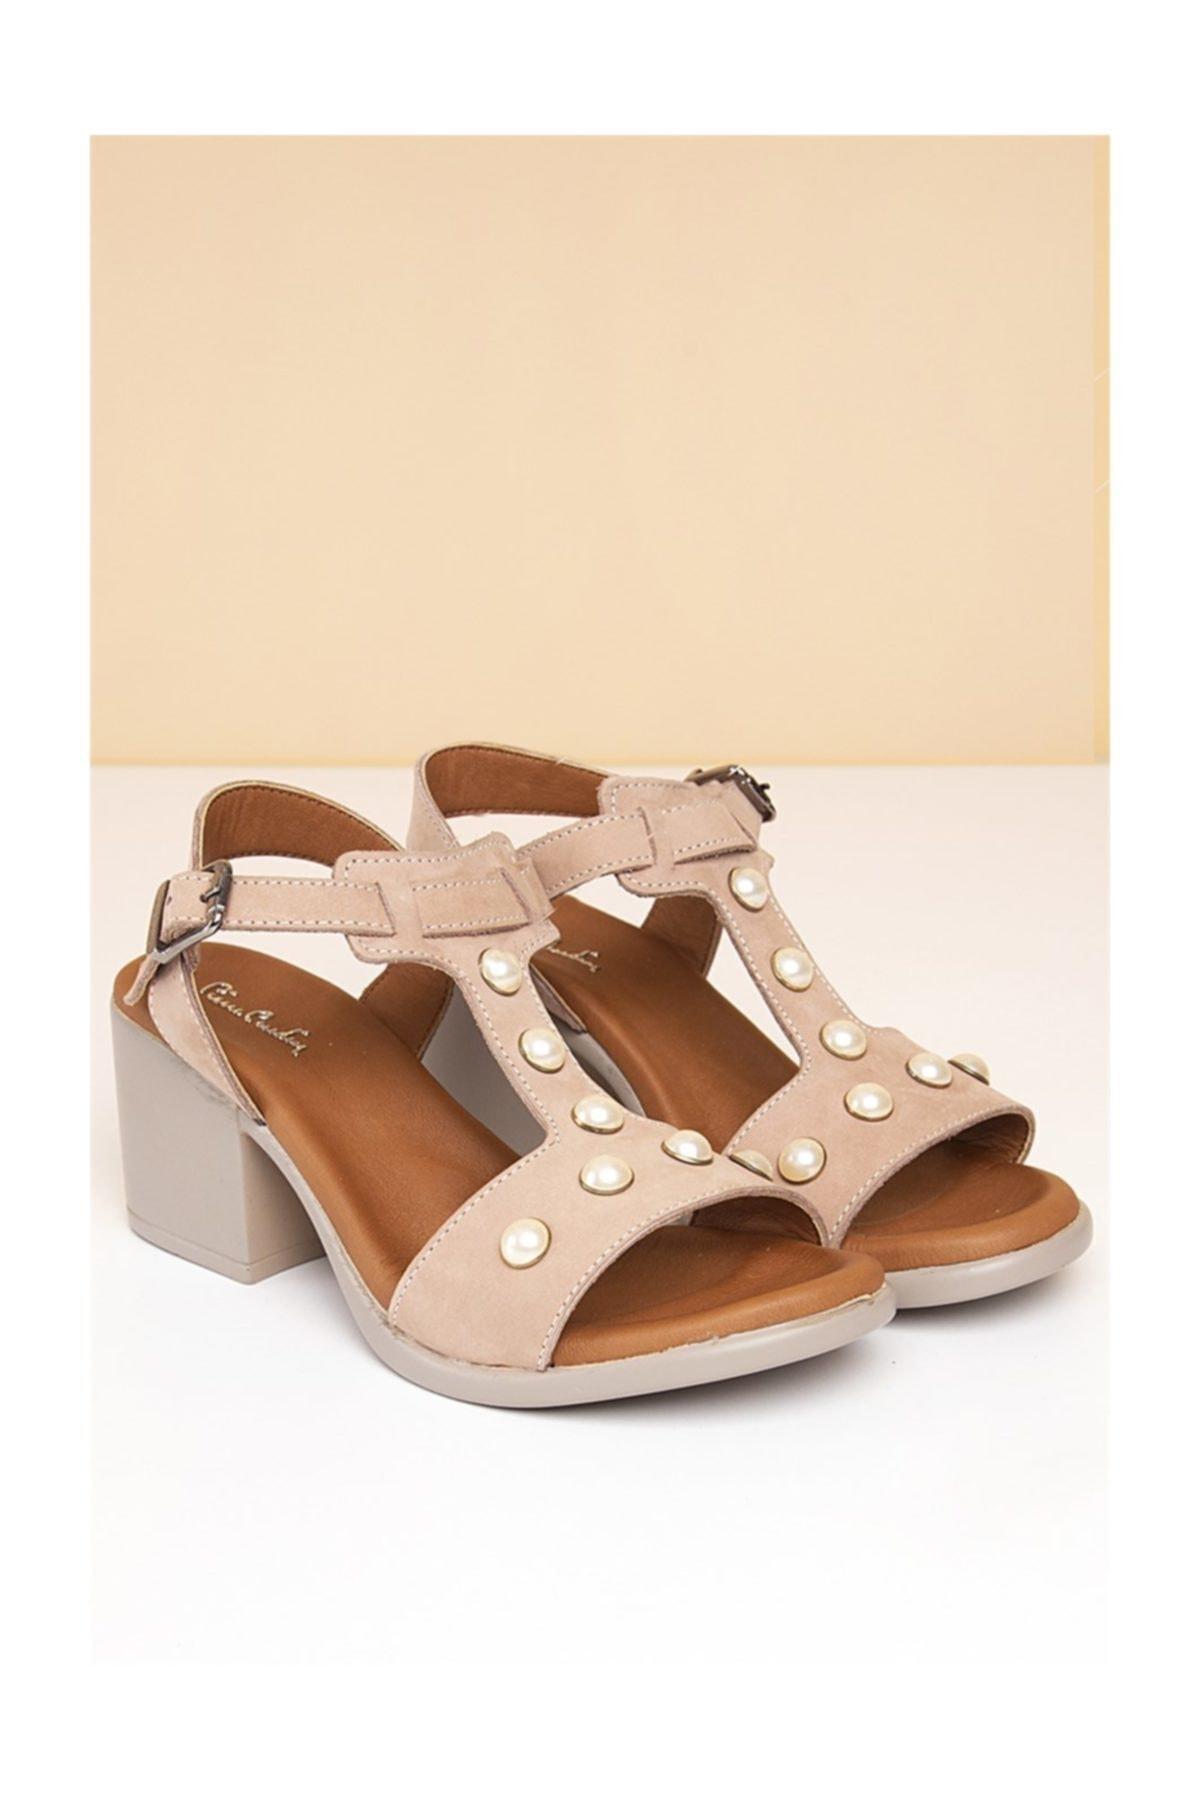 Pierre Cardin Kadın Günlük Ayakkabı-Pudra